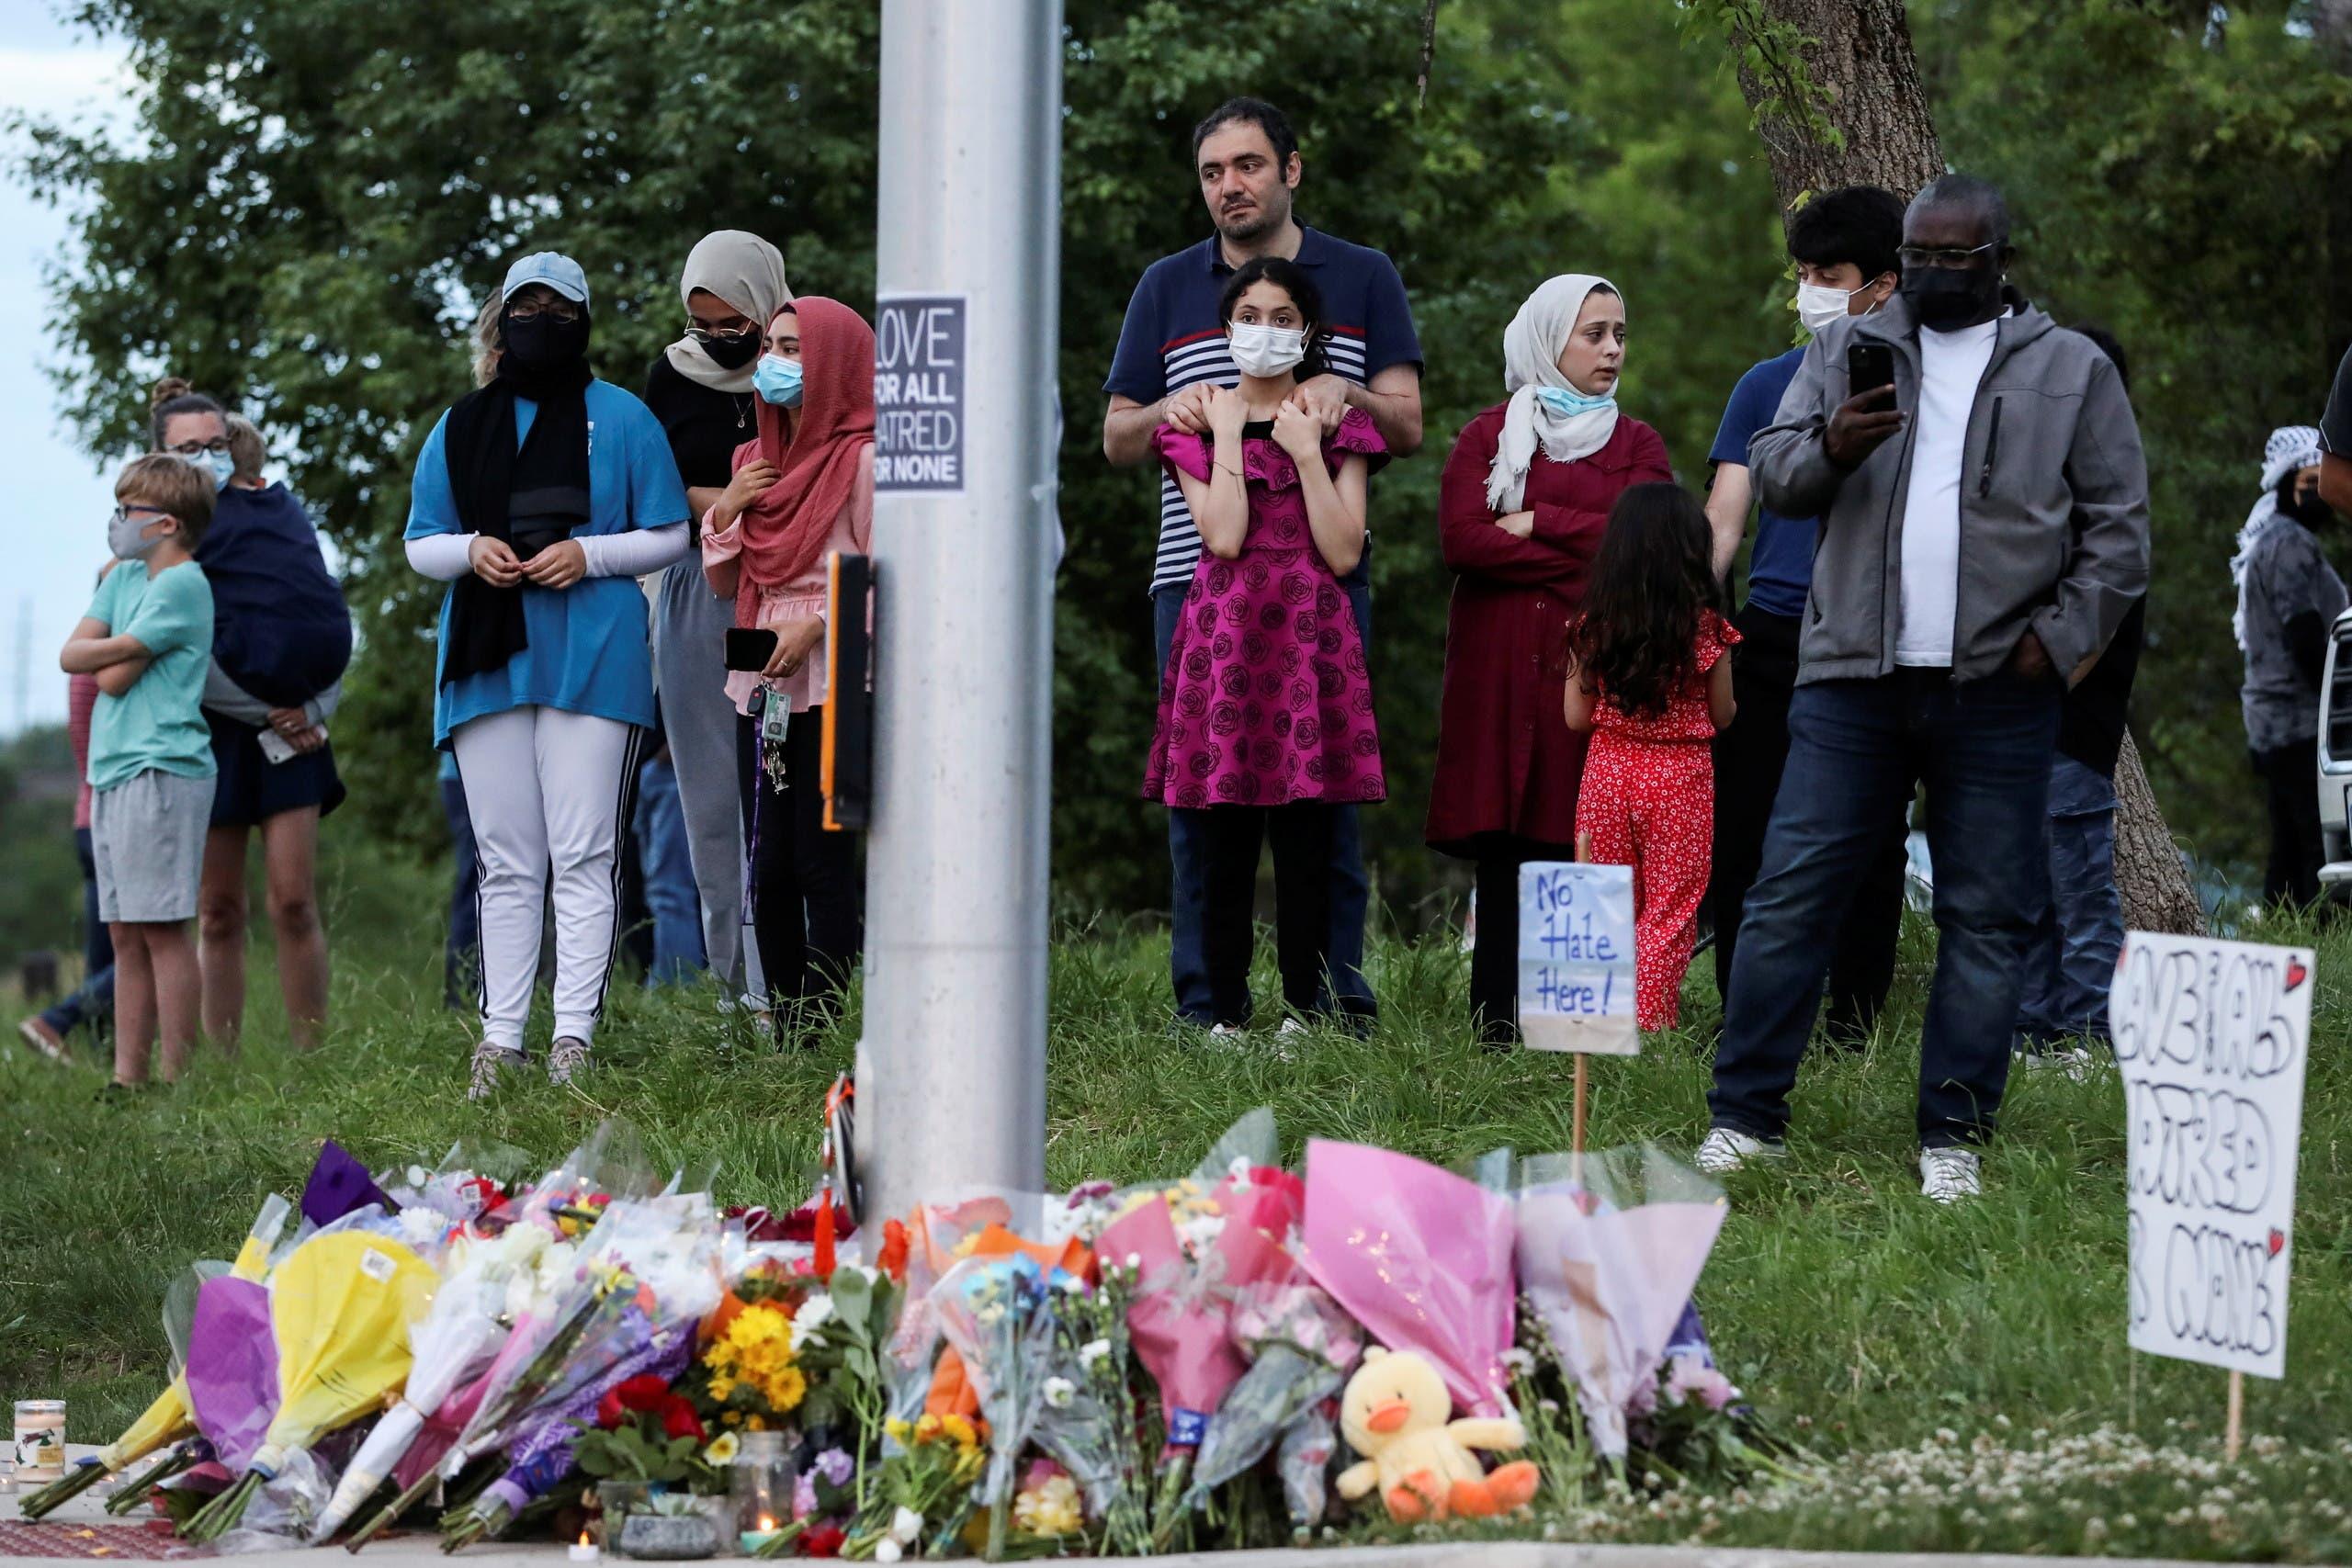 كنديون يتجمعون في مكان وقوع الهجوم على العائلة المسلمة